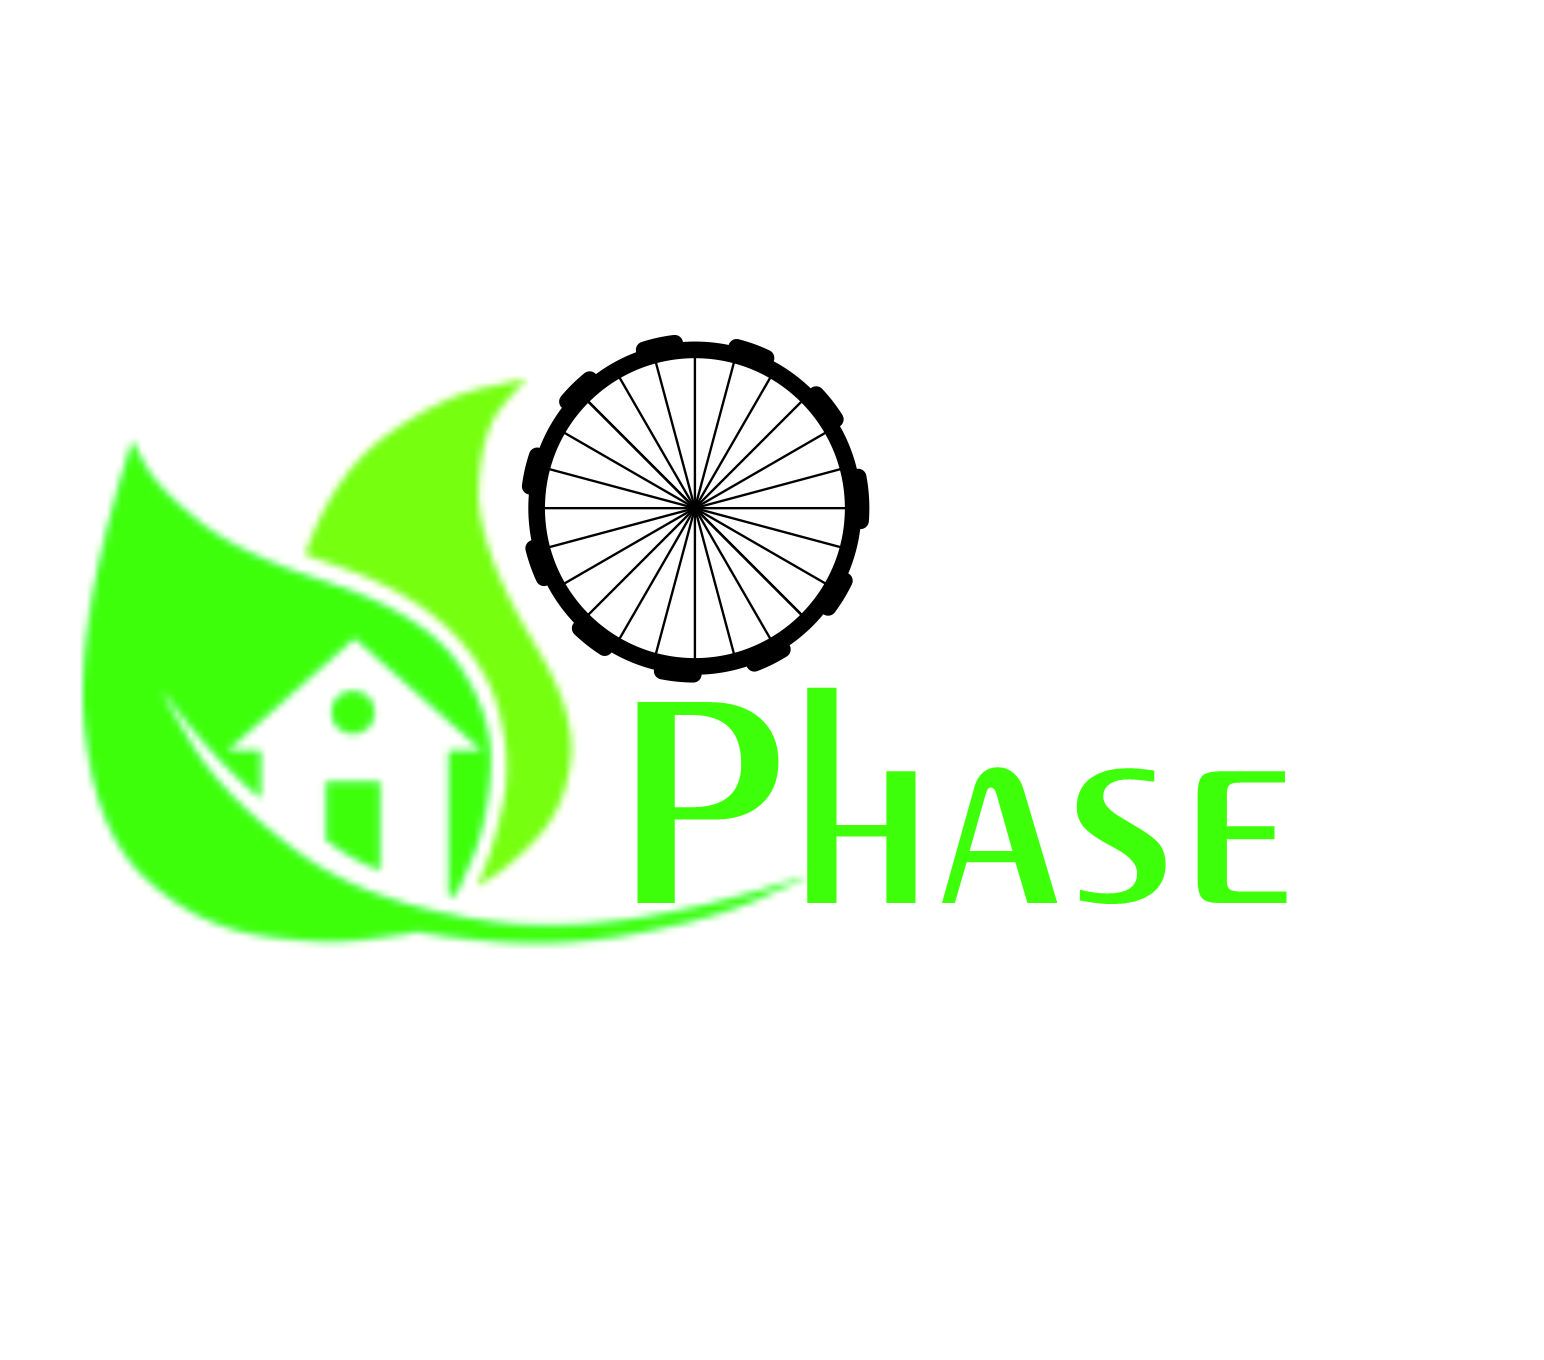 Phase